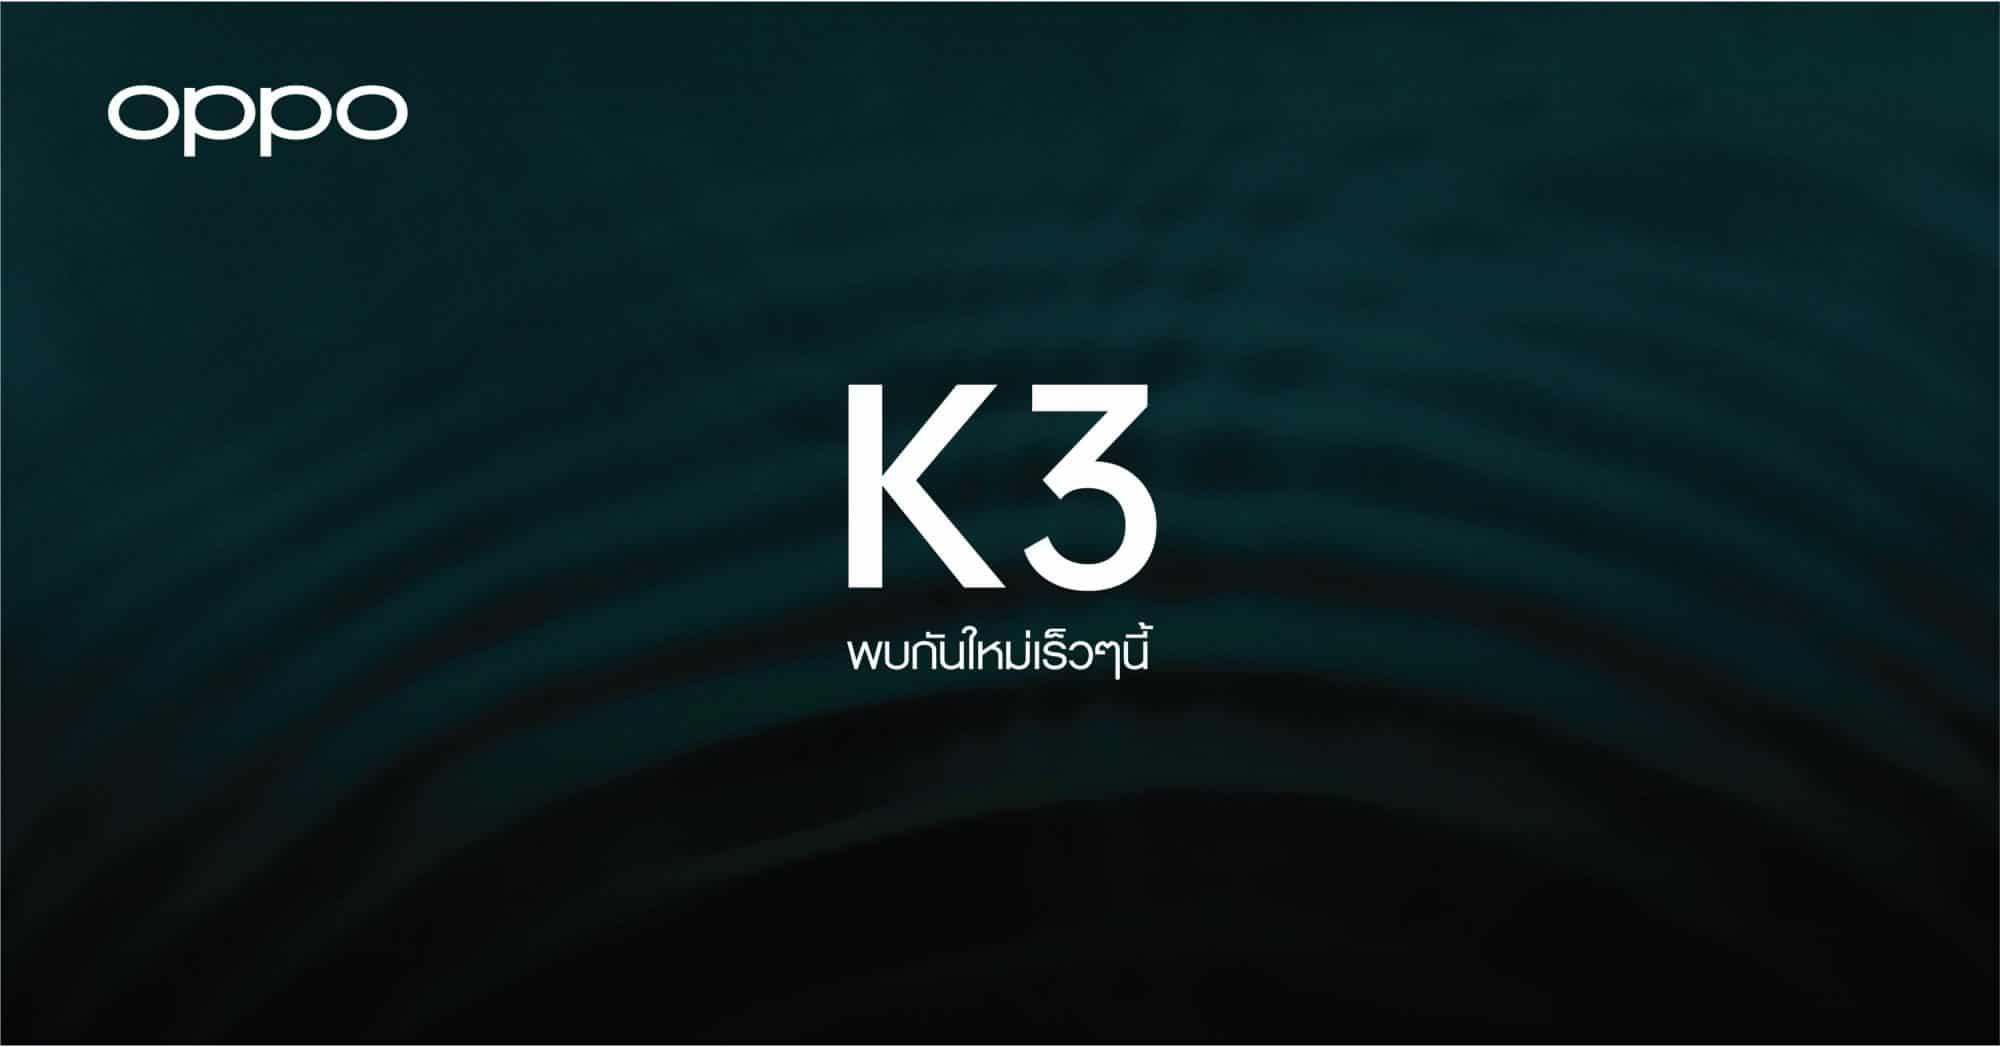 ยืนยัน OPPO K3 น้องเล็กสเปกโหด เข้าไทยแน่นอน - ยืนยัน OPPO K3 น้องเล็กสเปกโหด เข้าไทยแน่นอน